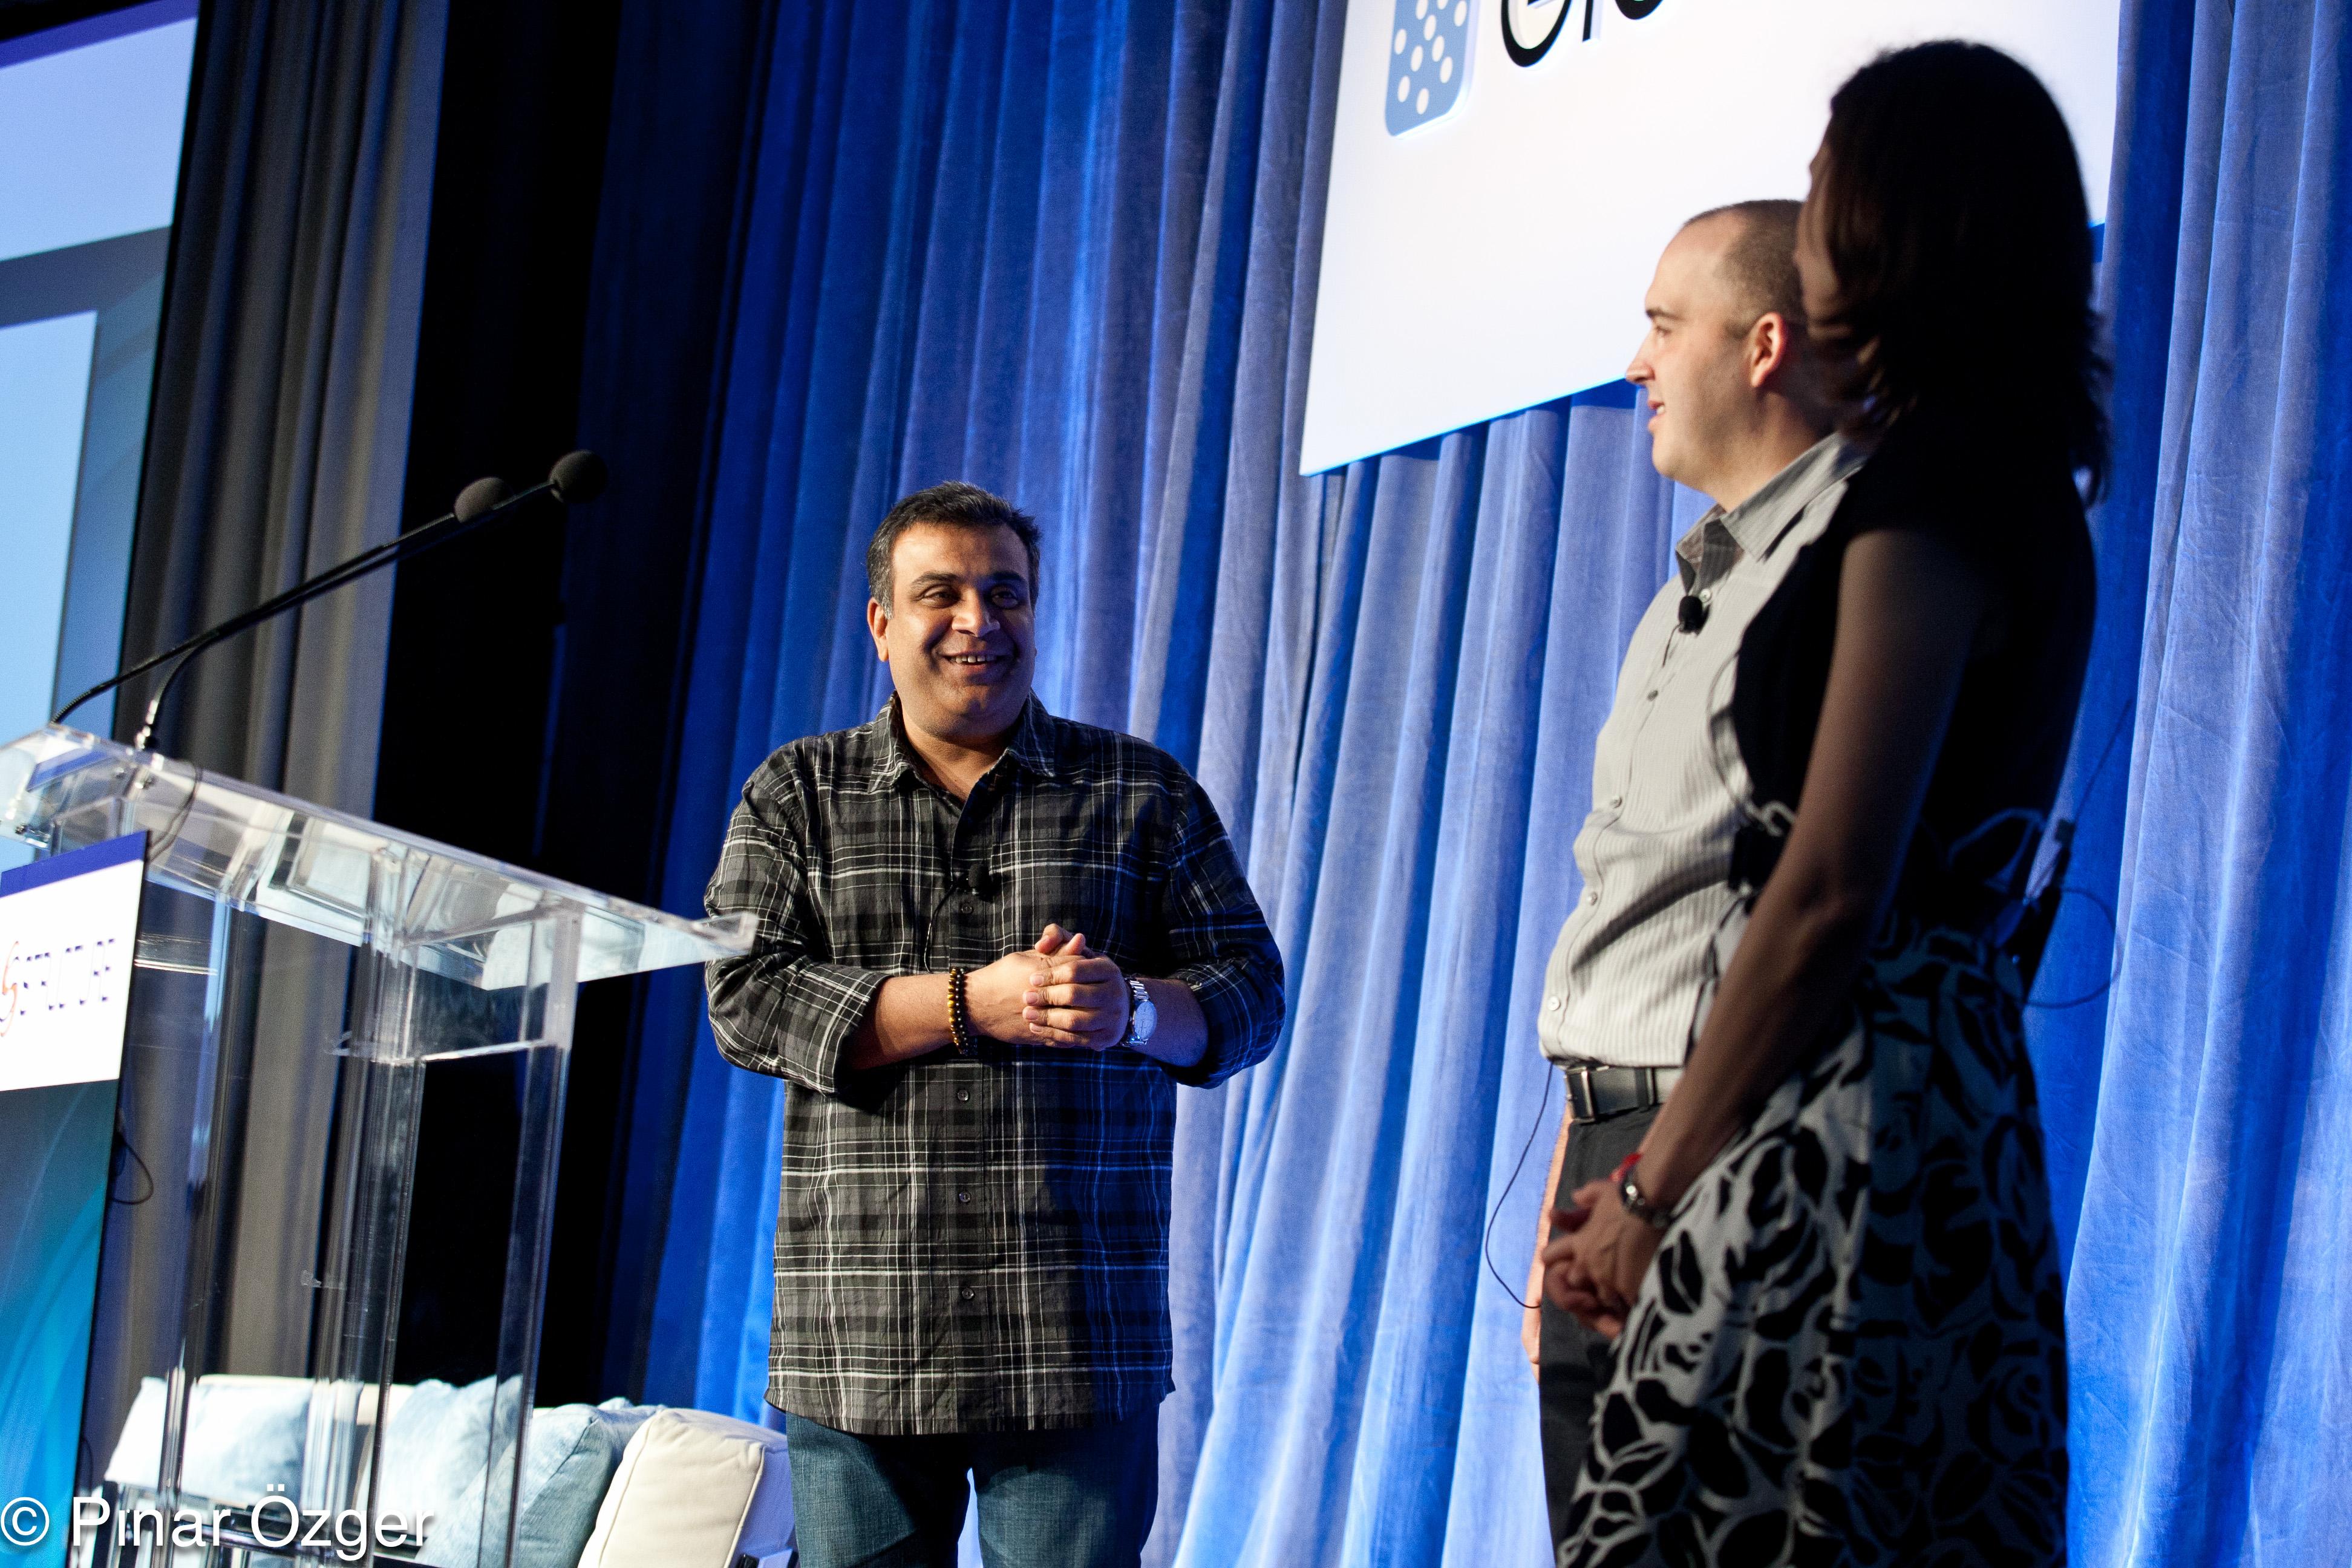 Om Malik, Joe Weinman, Stacey Higginbotham at Structure 2011